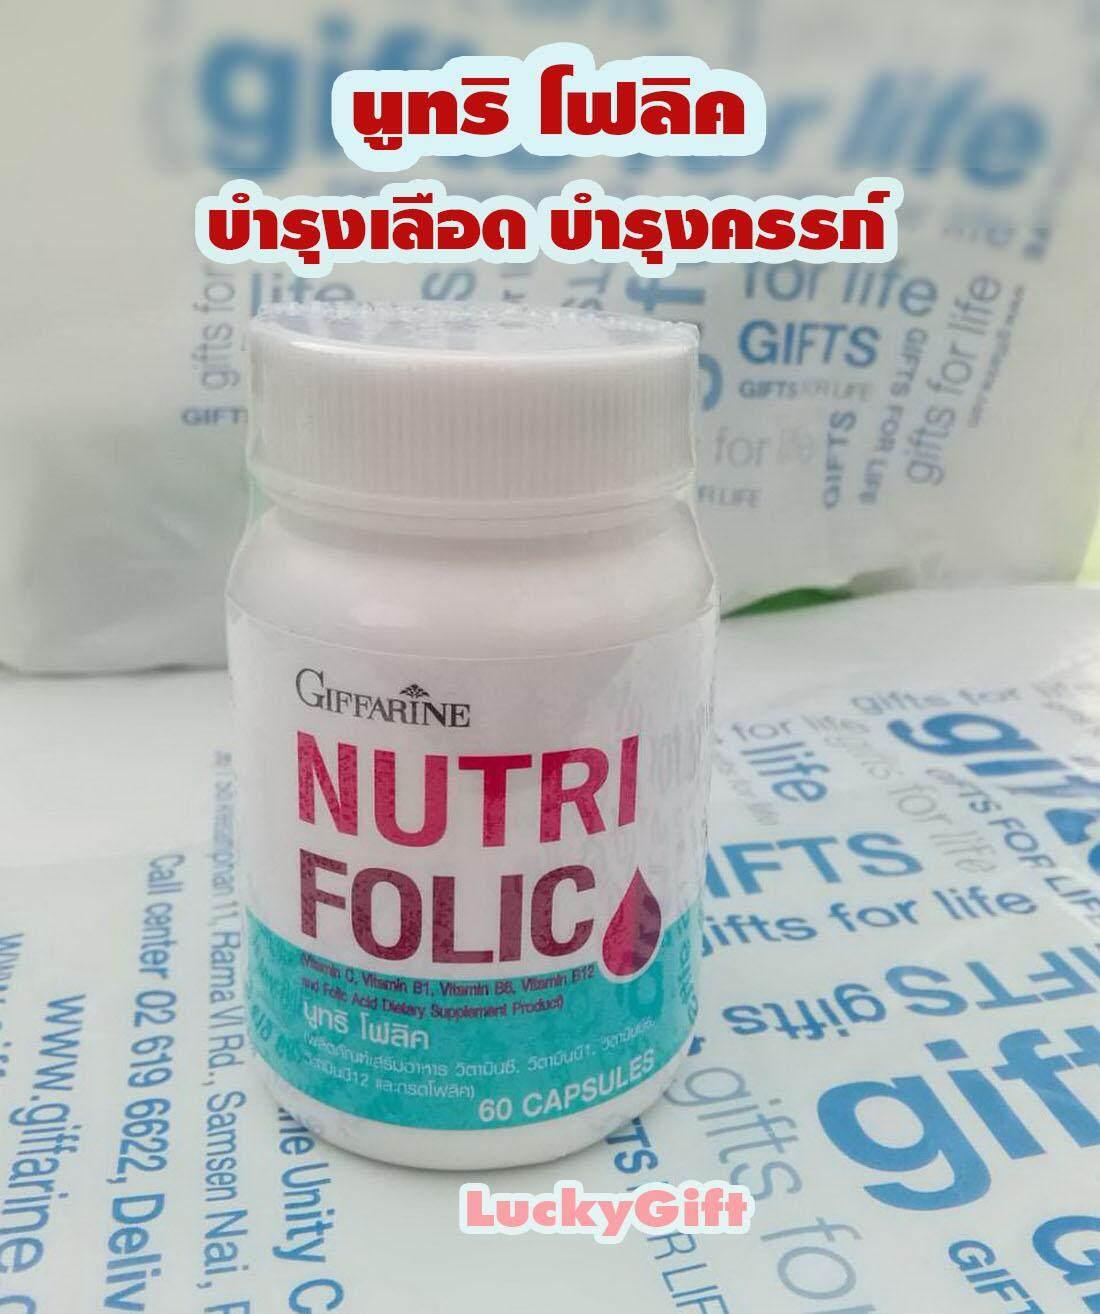 โฟลิค วิตามินบำรุงเลือด บำรุงครรภ์ นูทริ โฟลิค ยาบำรุง Giffarine Nutri Folic, นูทริโฟลิค กิฟฟารีน กิฟฟารีน โฟลิค  ยาบำรุงเลือด อาหารเสริมกิฟฟารีน ป้องกันโรคโลหิตจาง ดูแลผู้ป่วยธารัสซิเมีย ป้องกันความผิดปกติของทารกในครรภ์  วิตามินบีรวม กรดโฟลิค โฟเลต โฟลิก.